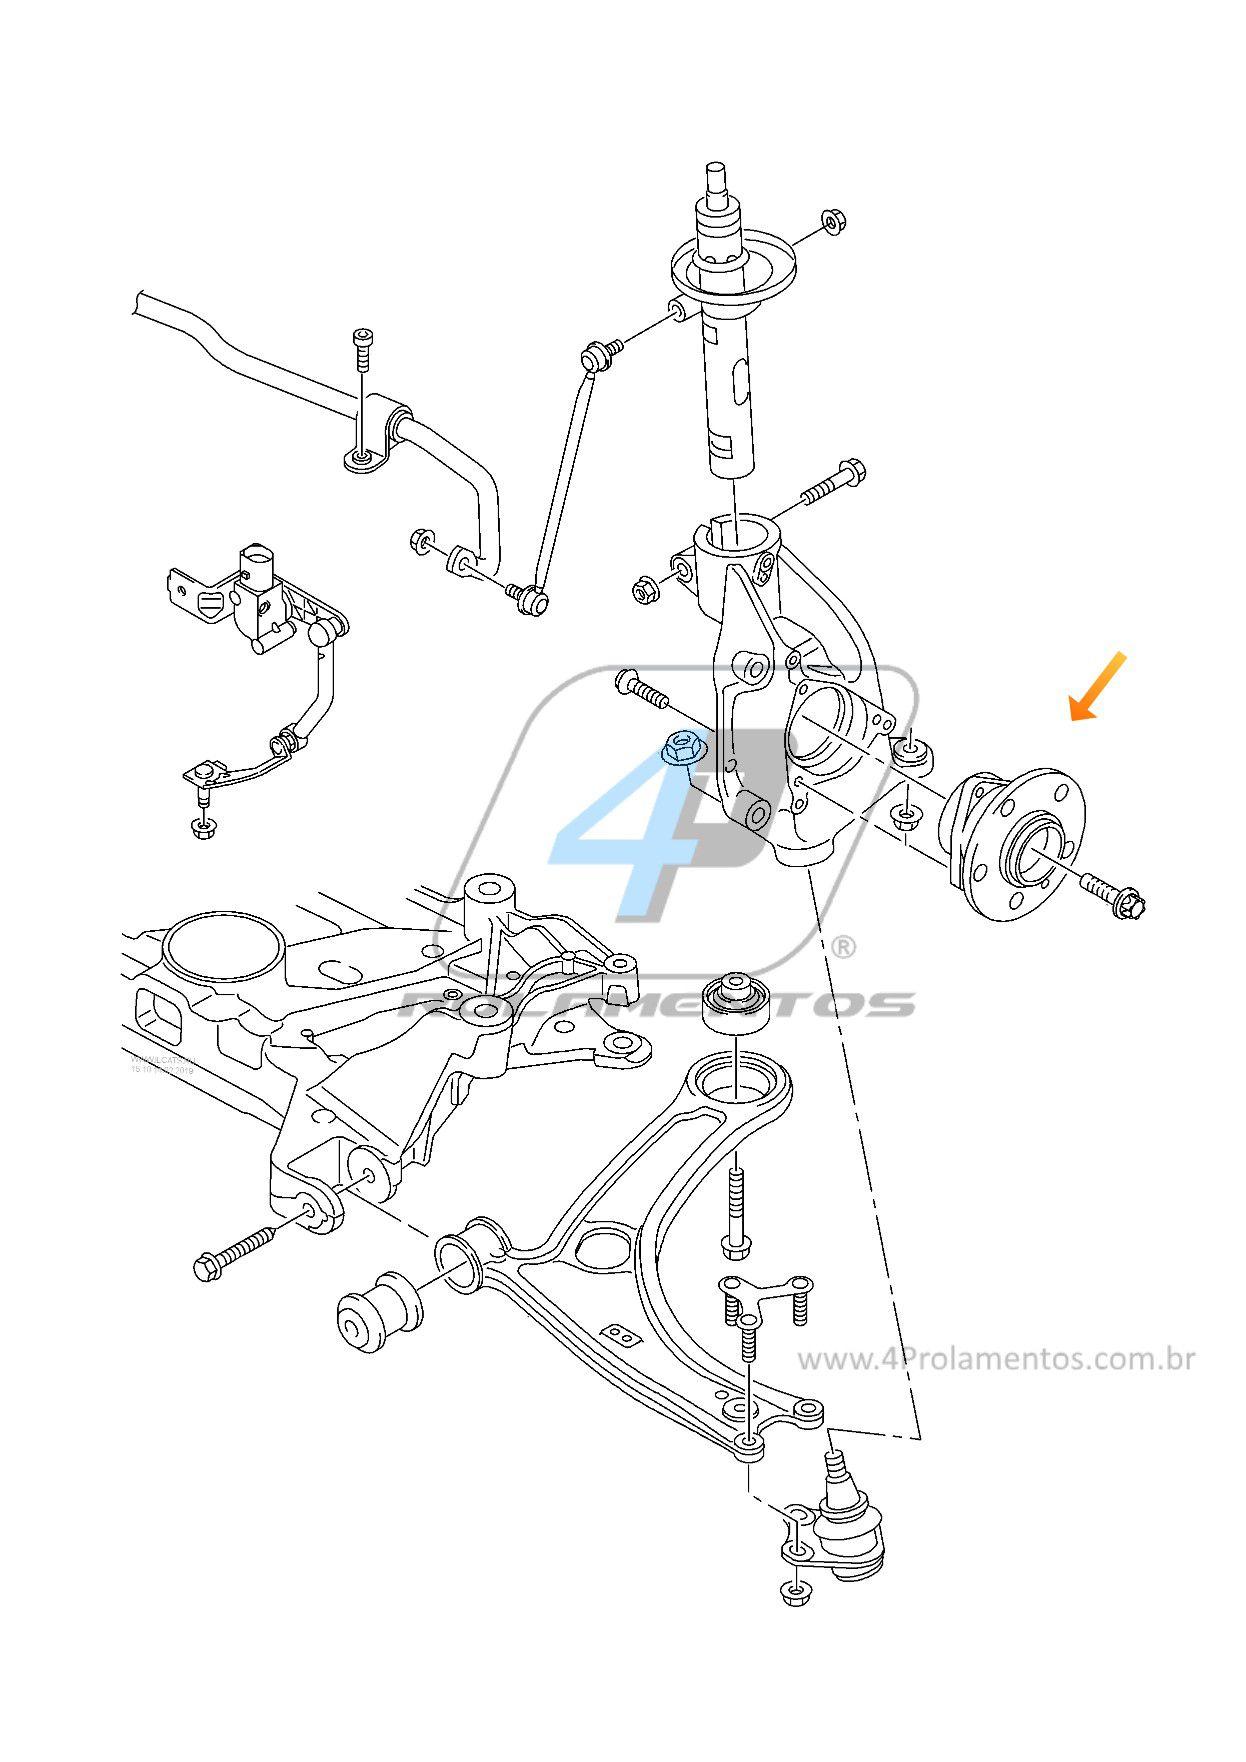 Cubo de Roda Dianteiro AUDI S3 AWD, 2013 até 2016